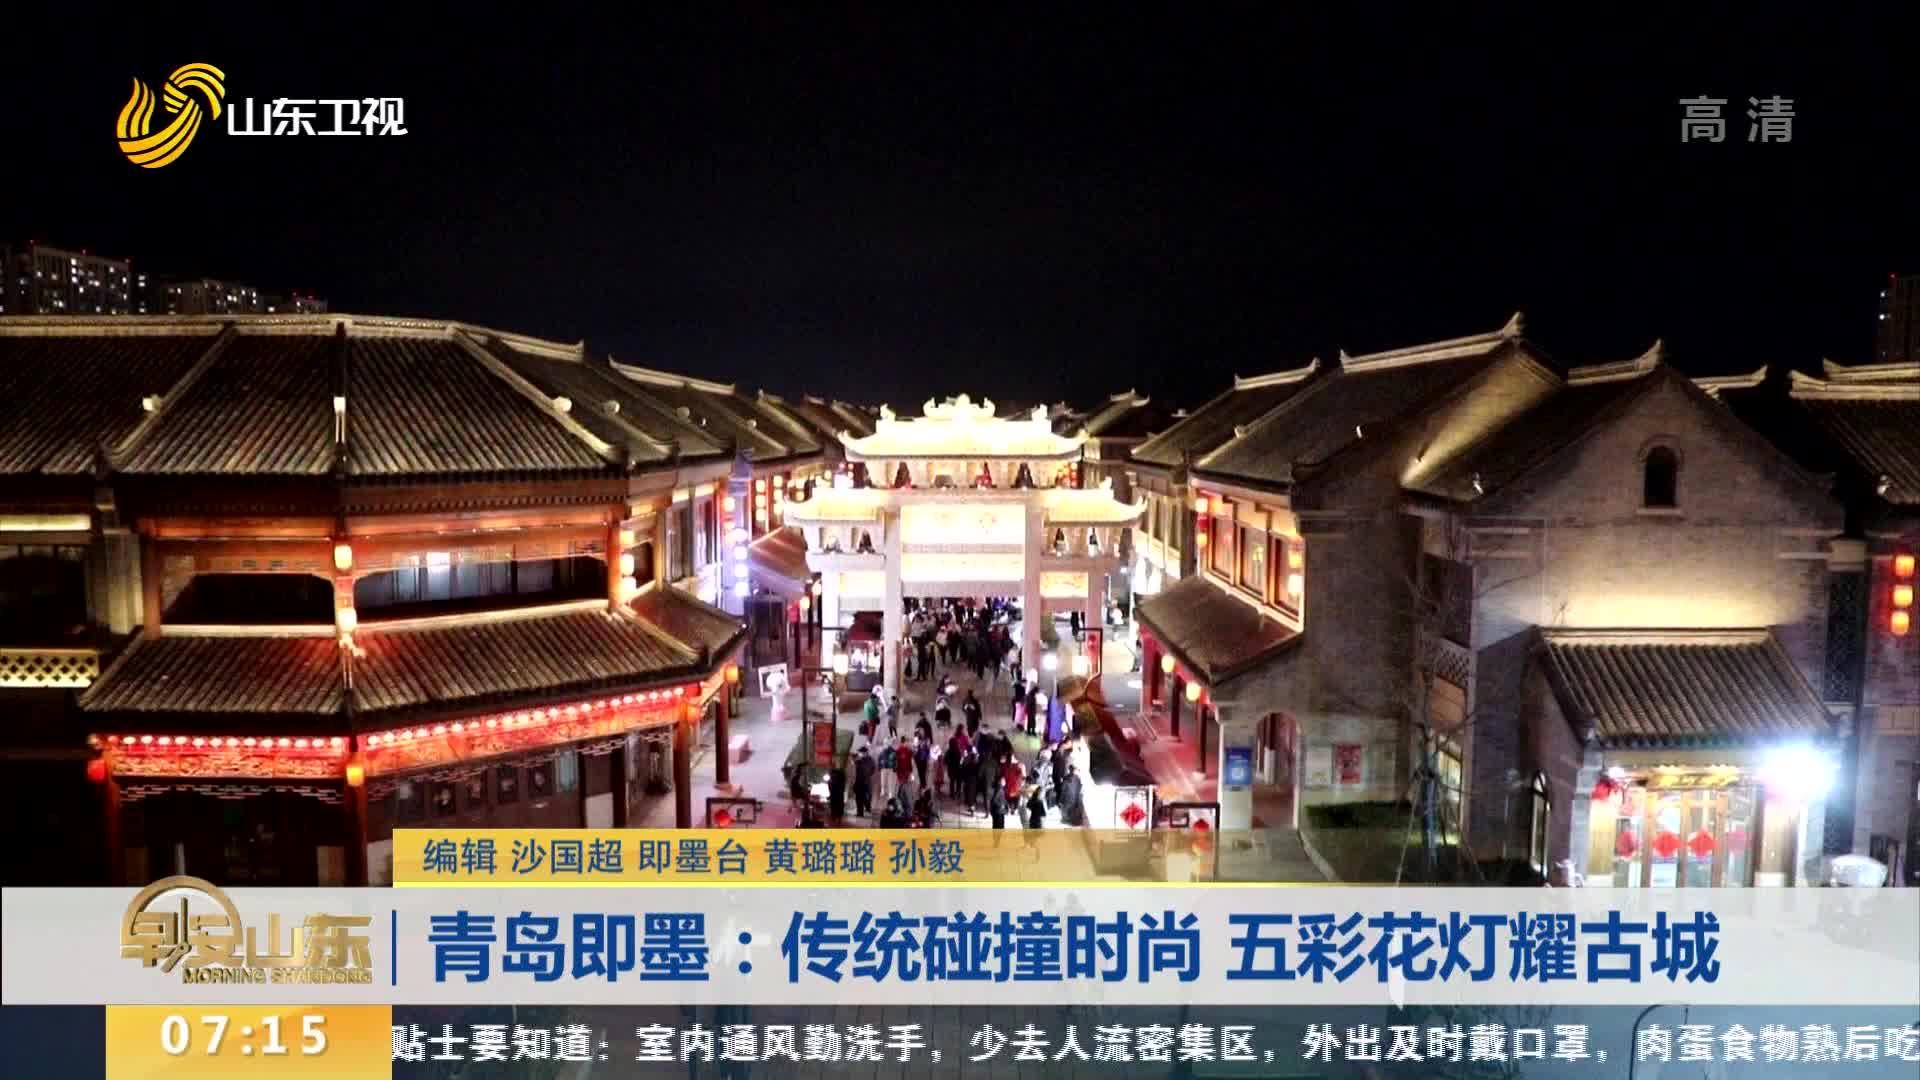 青岛即墨:传统碰撞时尚 五彩花灯耀古城